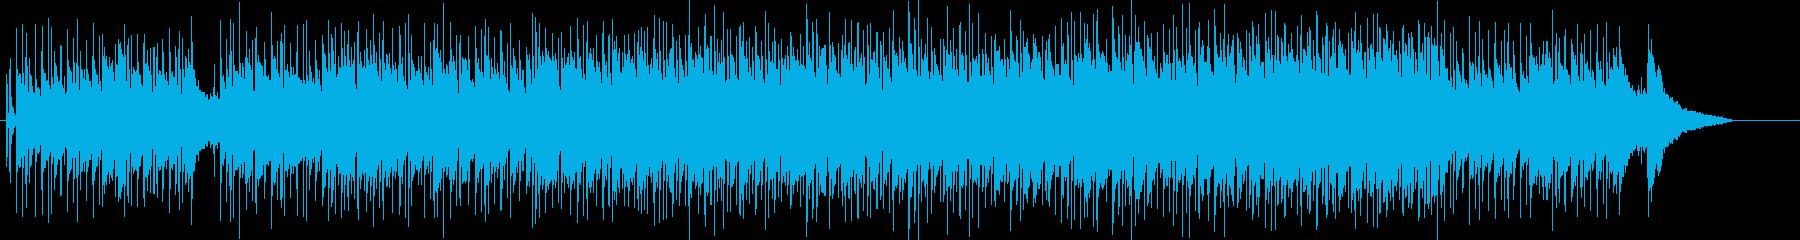 しなやかで華麗なポップ・ピアニズムの再生済みの波形